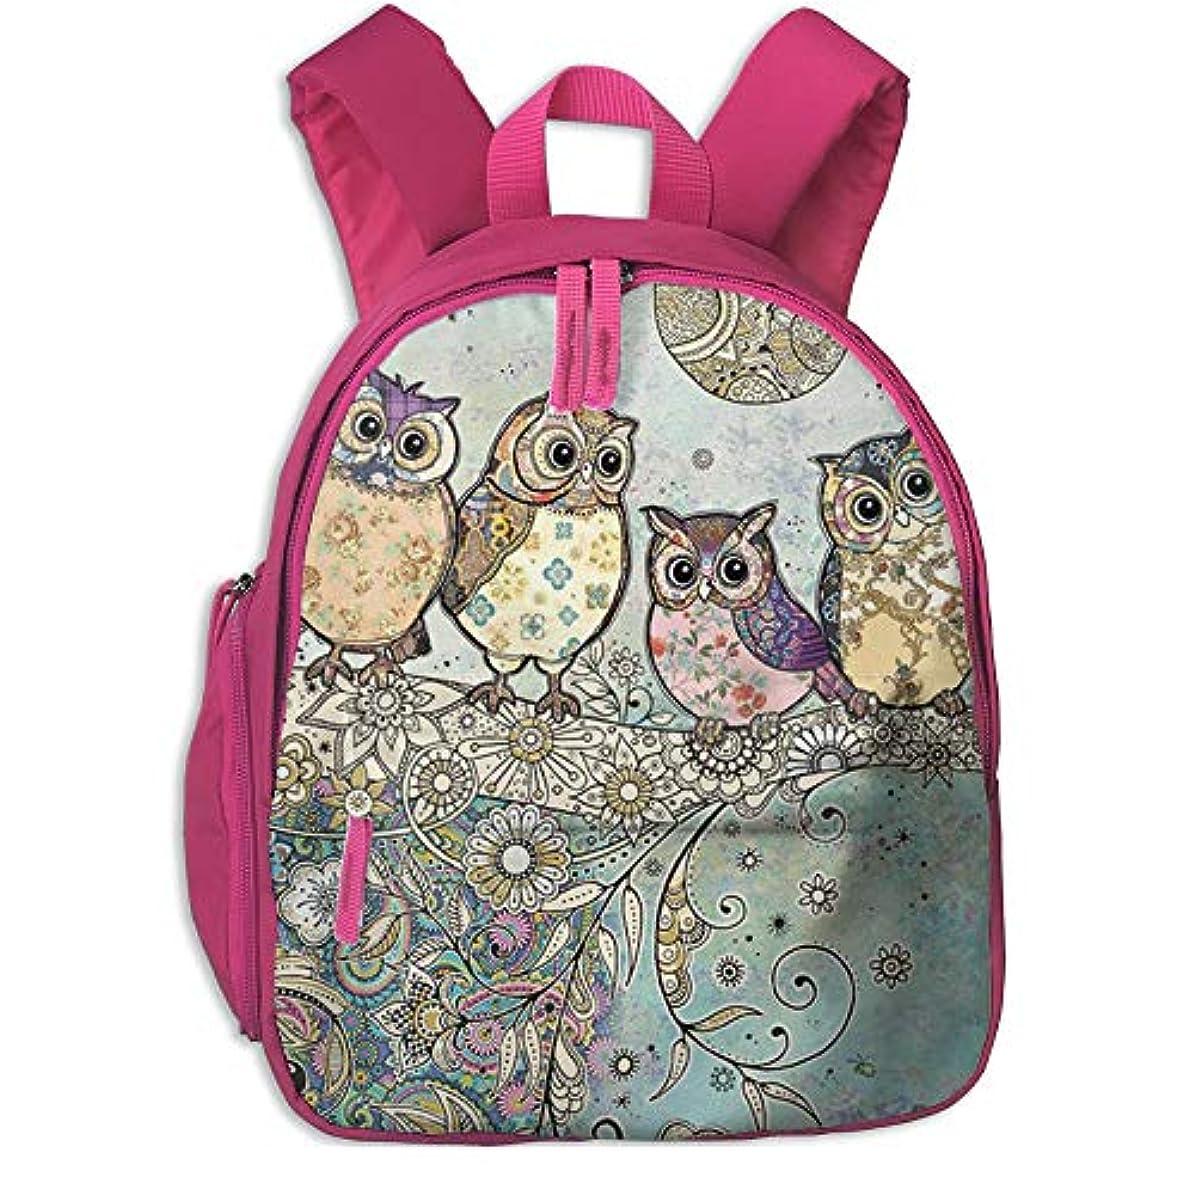 どこでも木製コンバーチブルフクロウ かわいい 子供用バックパック 綺麗 キッズ リュック 実用性 通学 パック ポケット付き